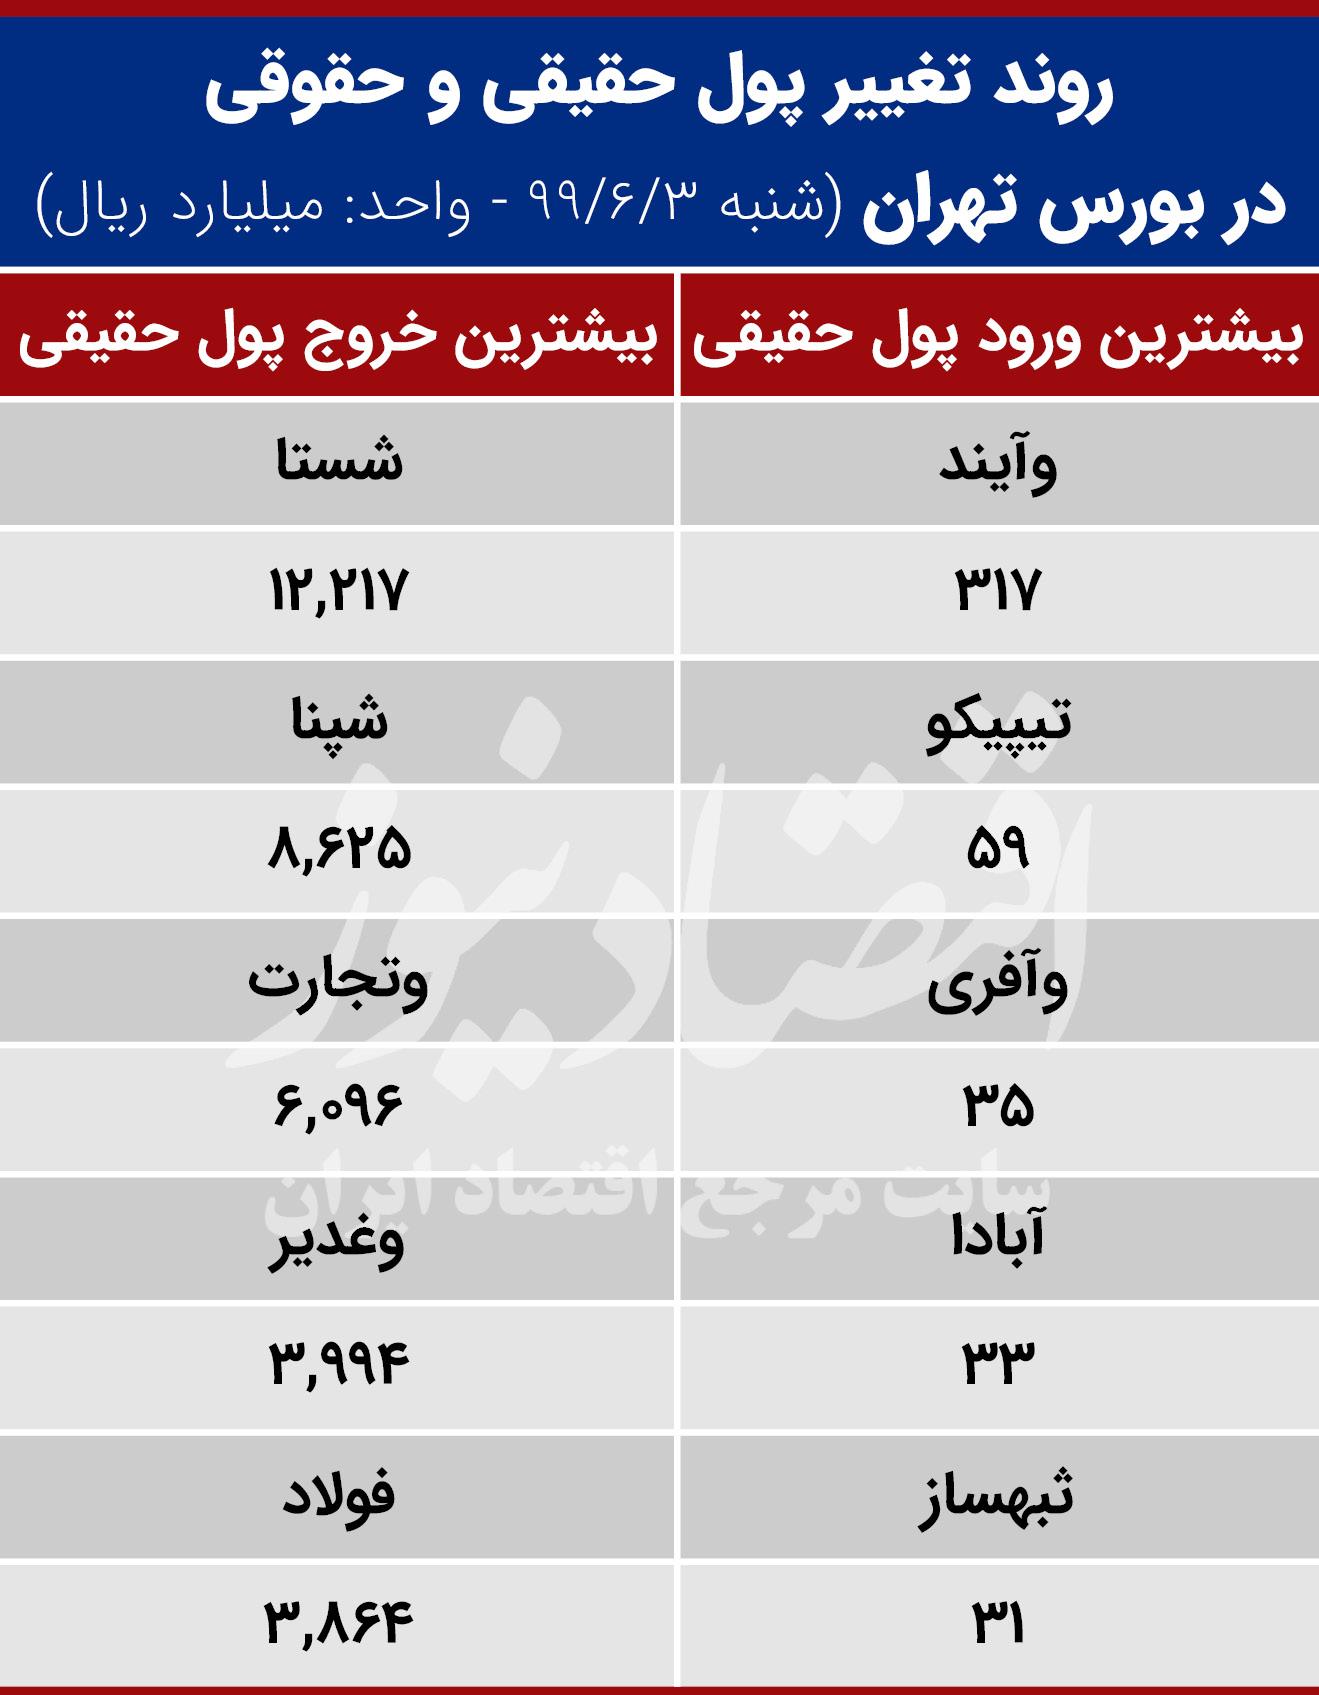 تغییرات  روزانه بورس تهران